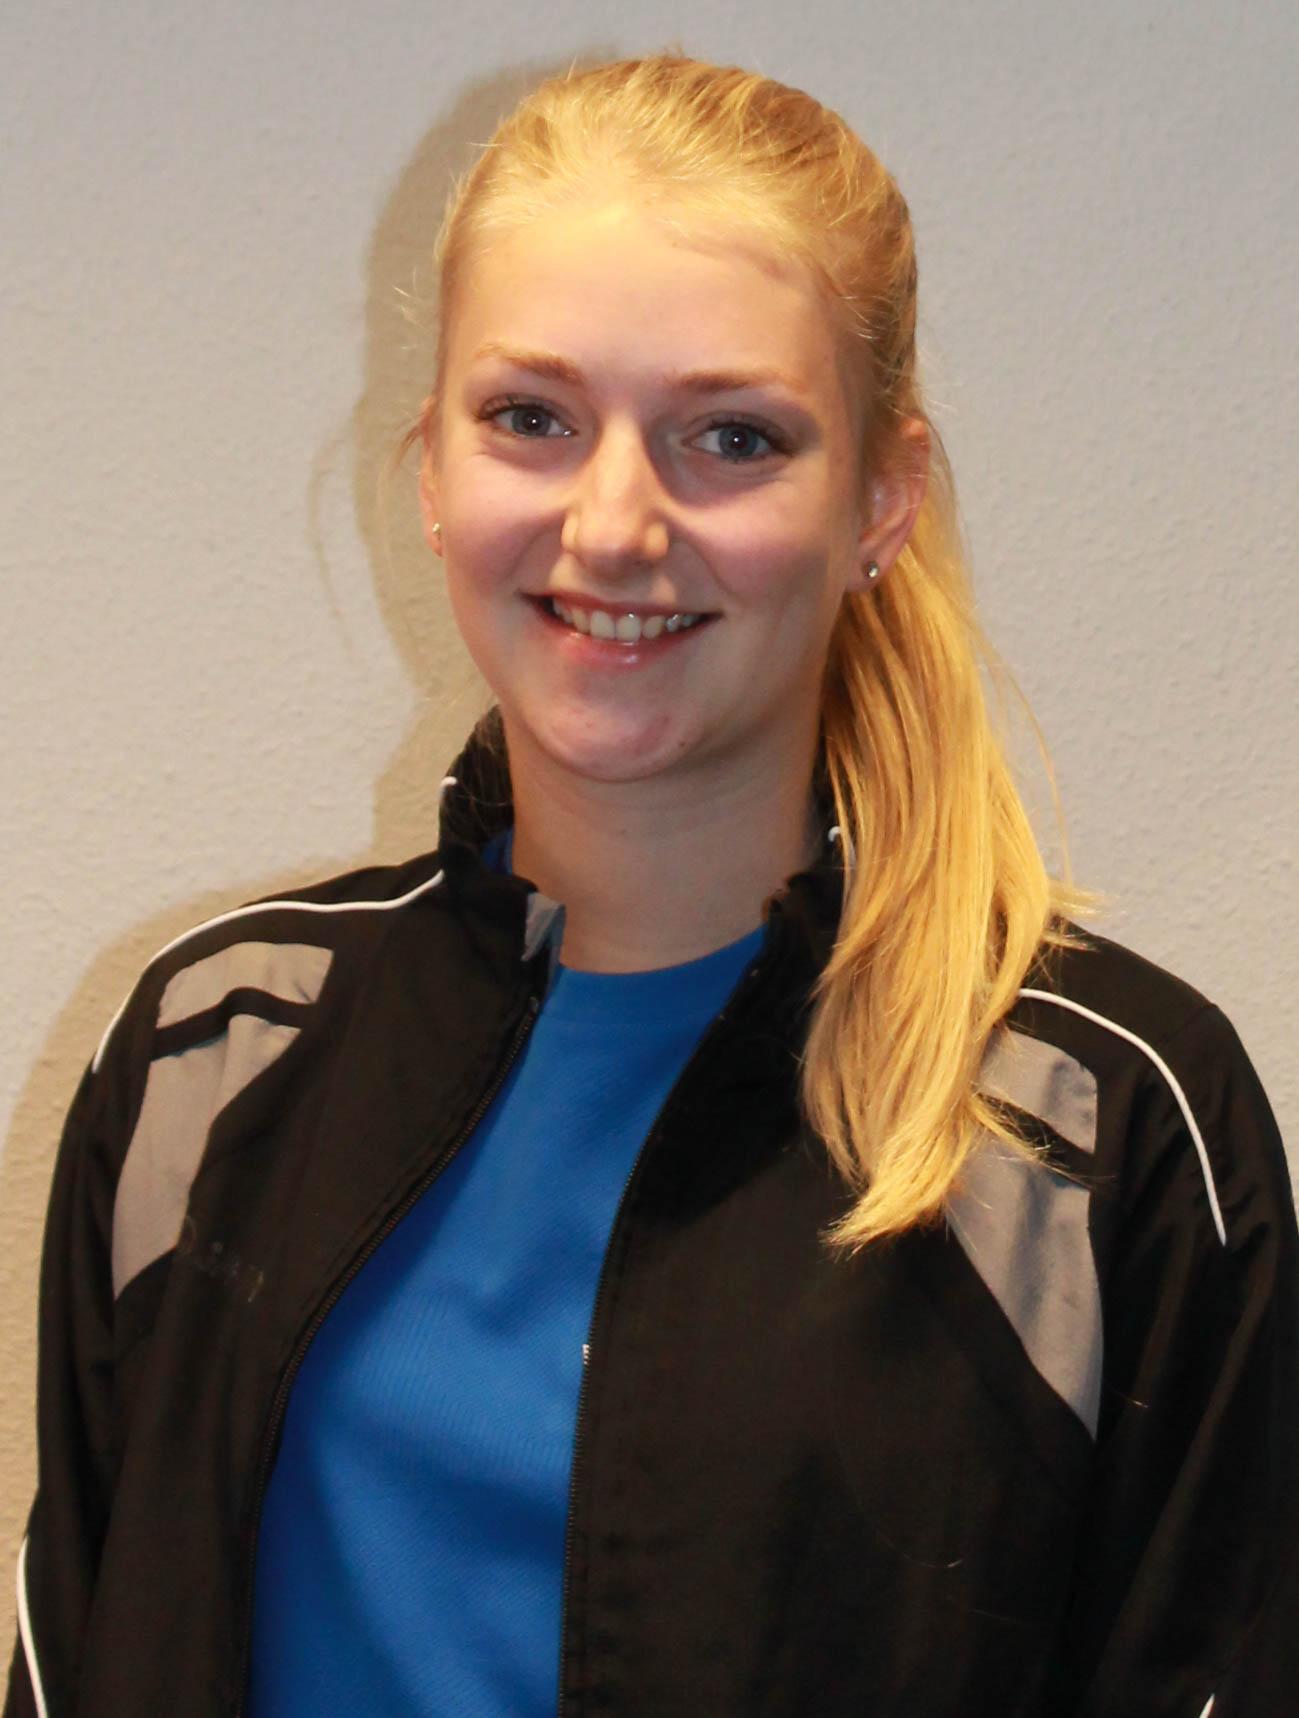 Josee van Steenis